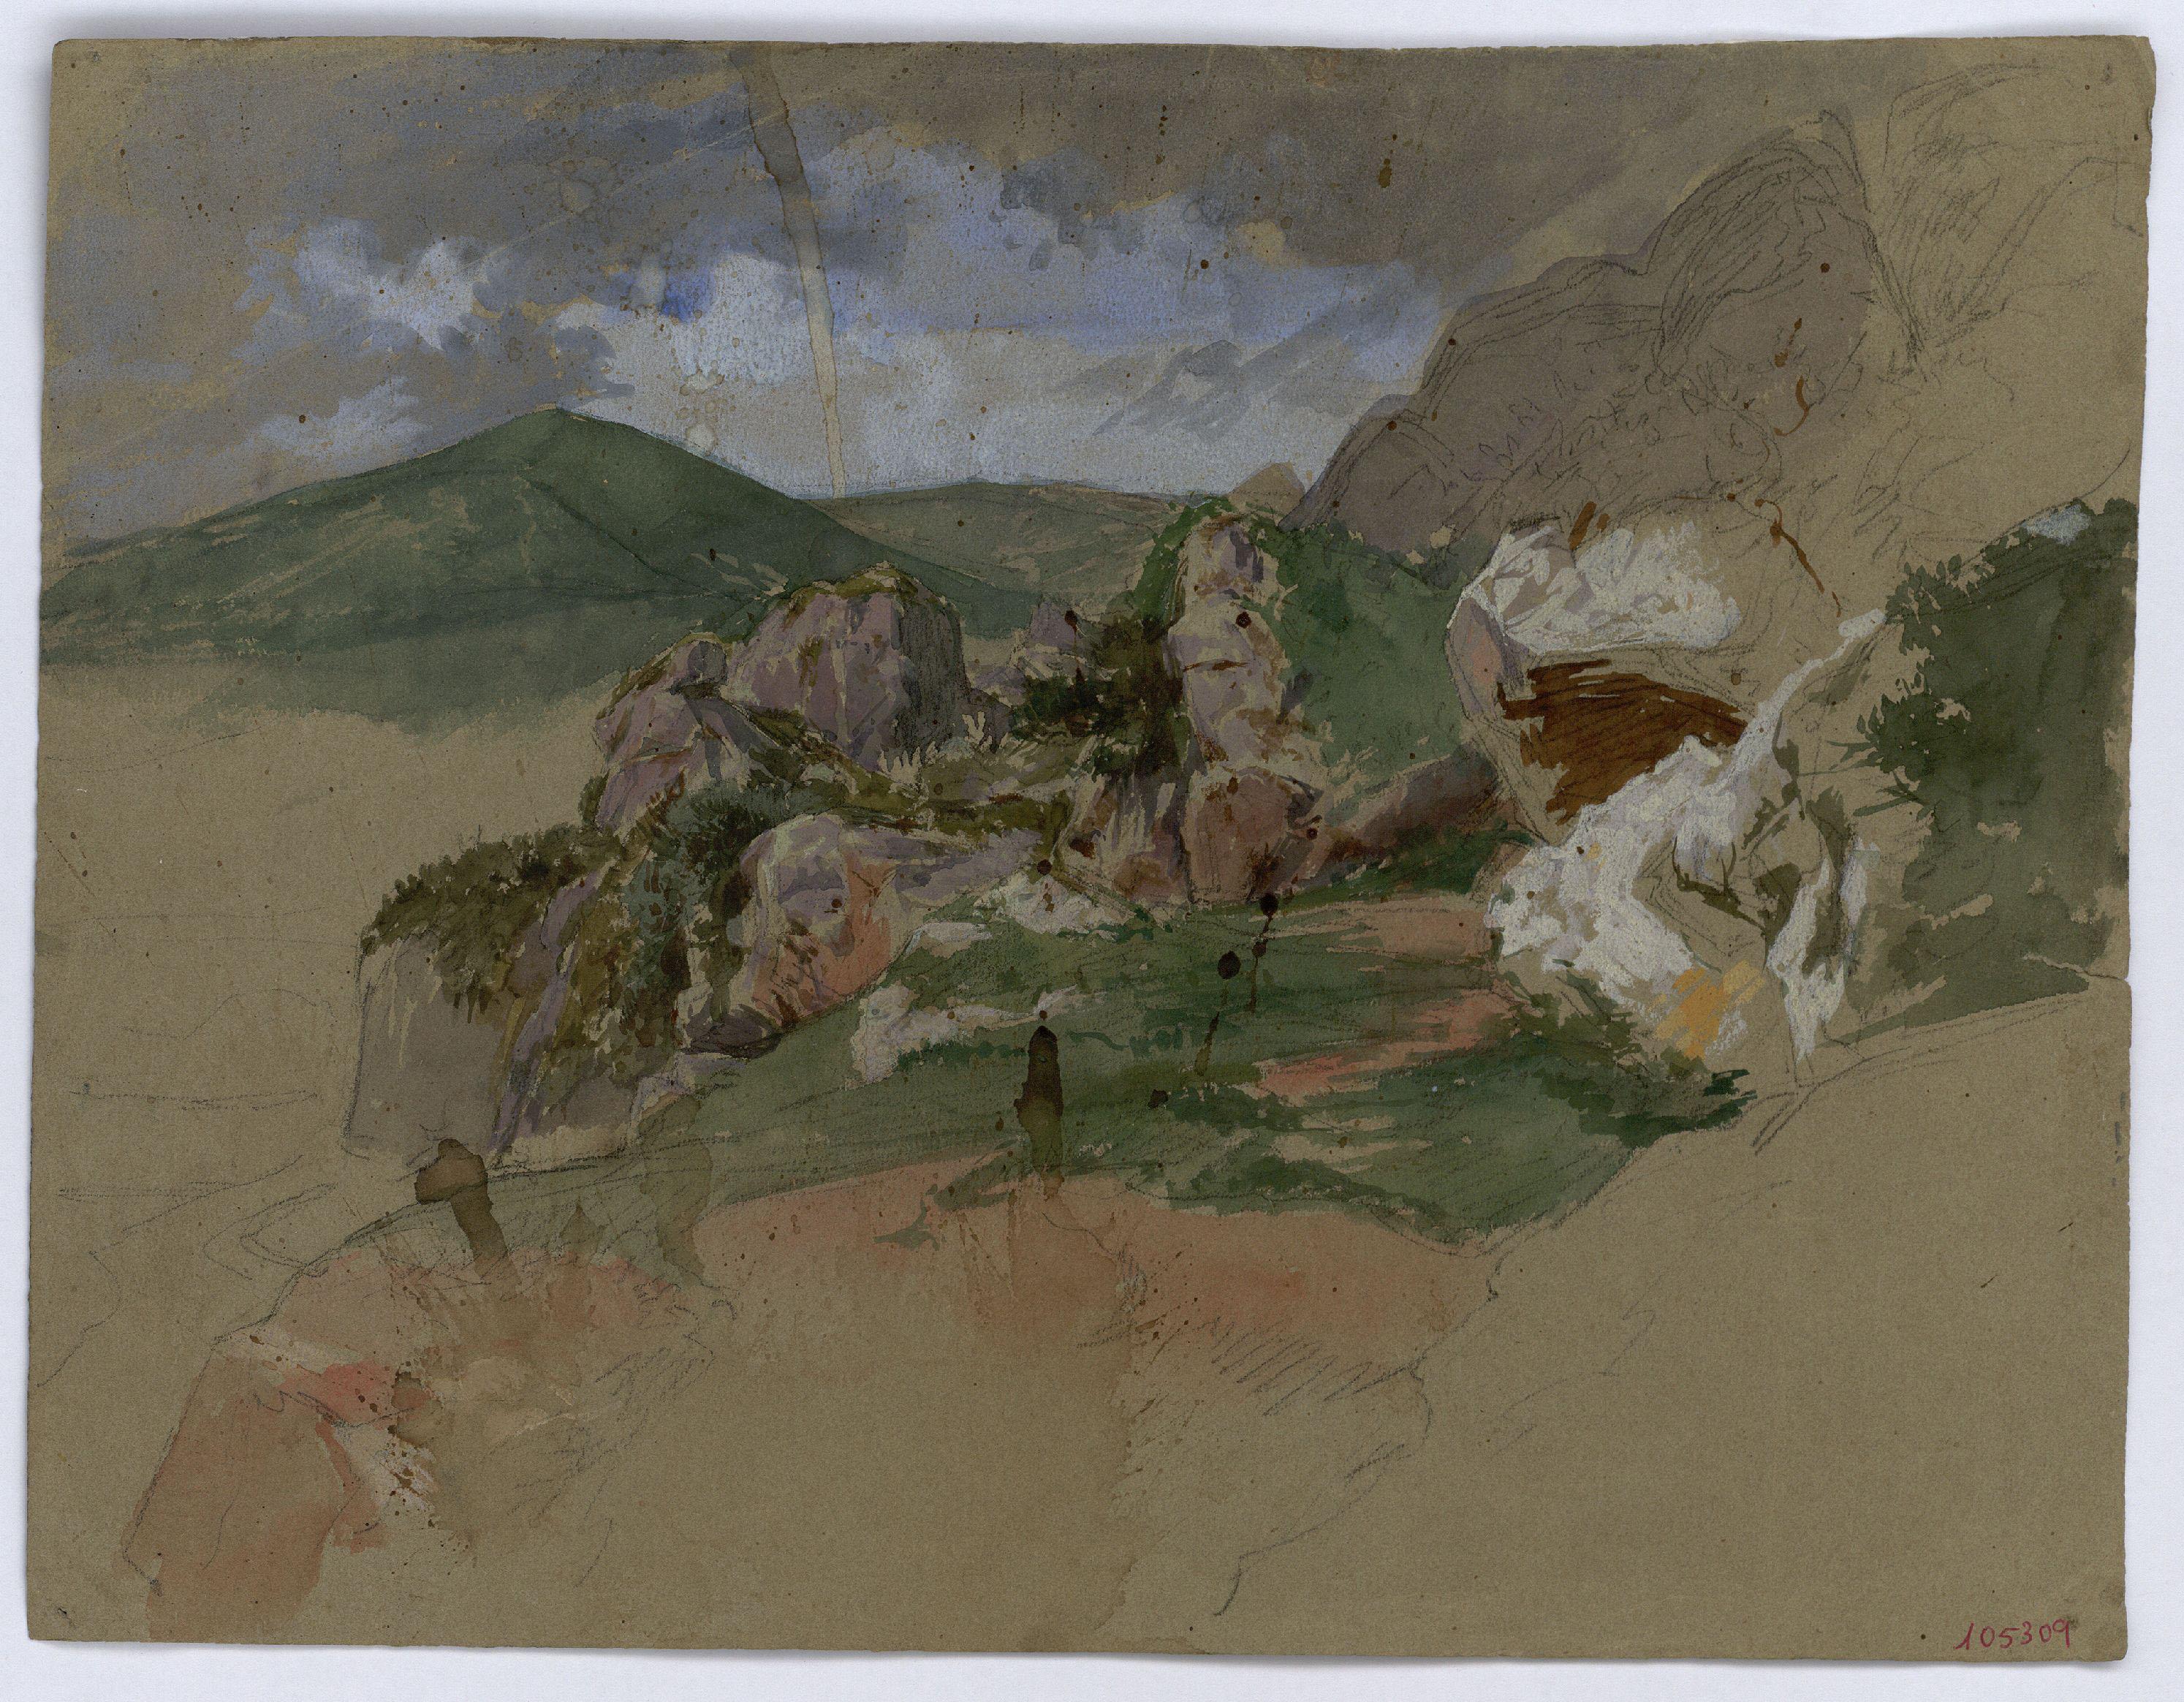 Marià Fortuny - Paisatge rocós (anvers) / Croquis inconcret (revers) - Cap a 1860-1862